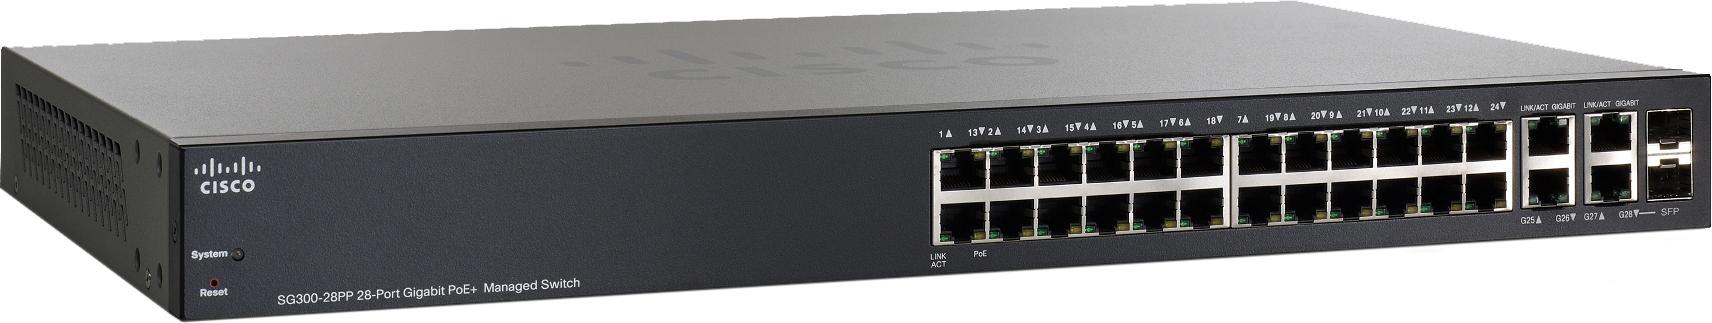 Cisco SG300-28PP - стекируемый управляемый коммутаторКоммутаторы<br>Стекируемый управляемый коммутатор<br>